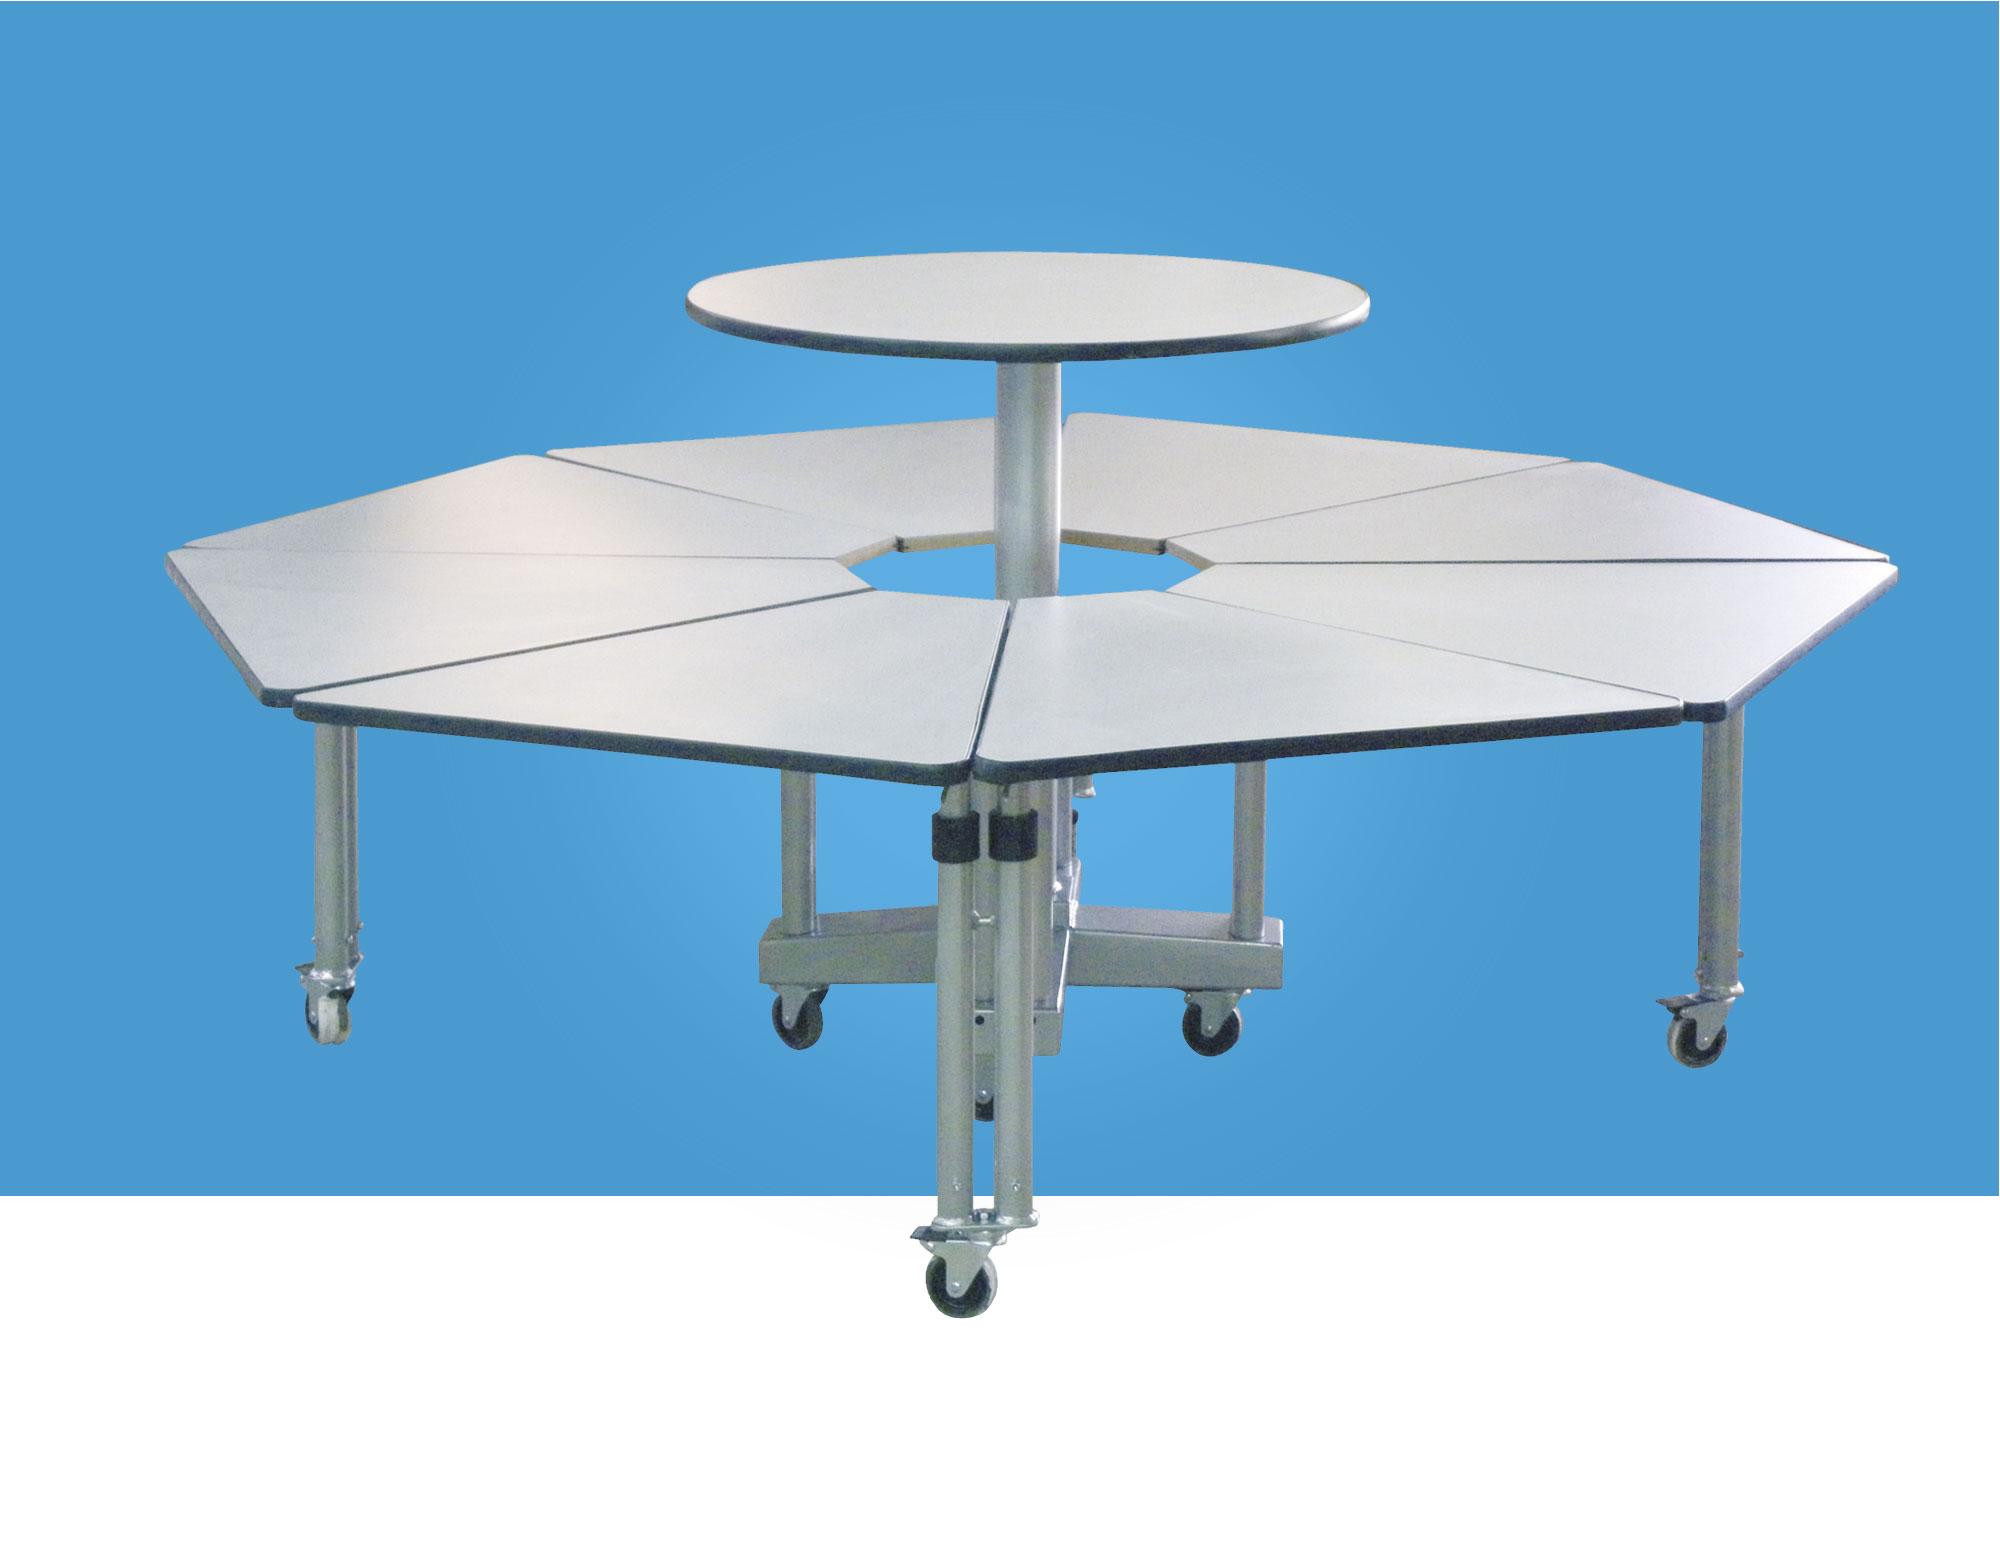 hephaistos gamme handicap table multi-réglages mobilier adapté